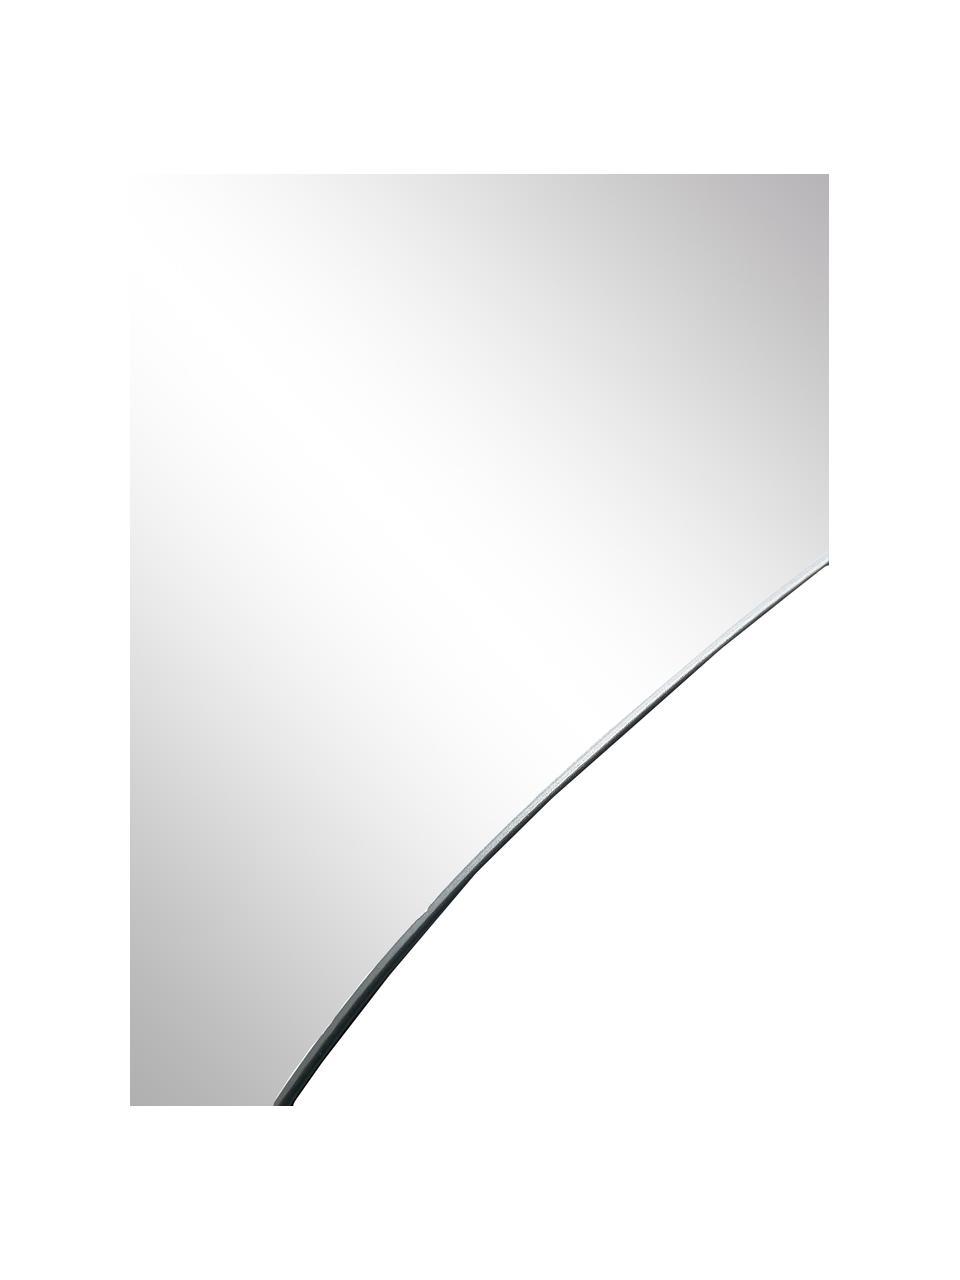 Wandspiegel Lake, Zilver, 48 x 80 cm